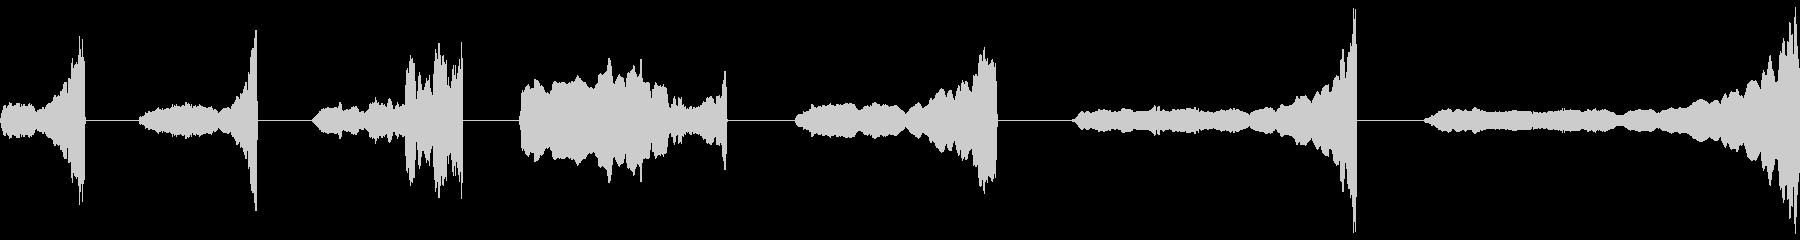 スライドホイッスル、ミッド、アップ...の未再生の波形